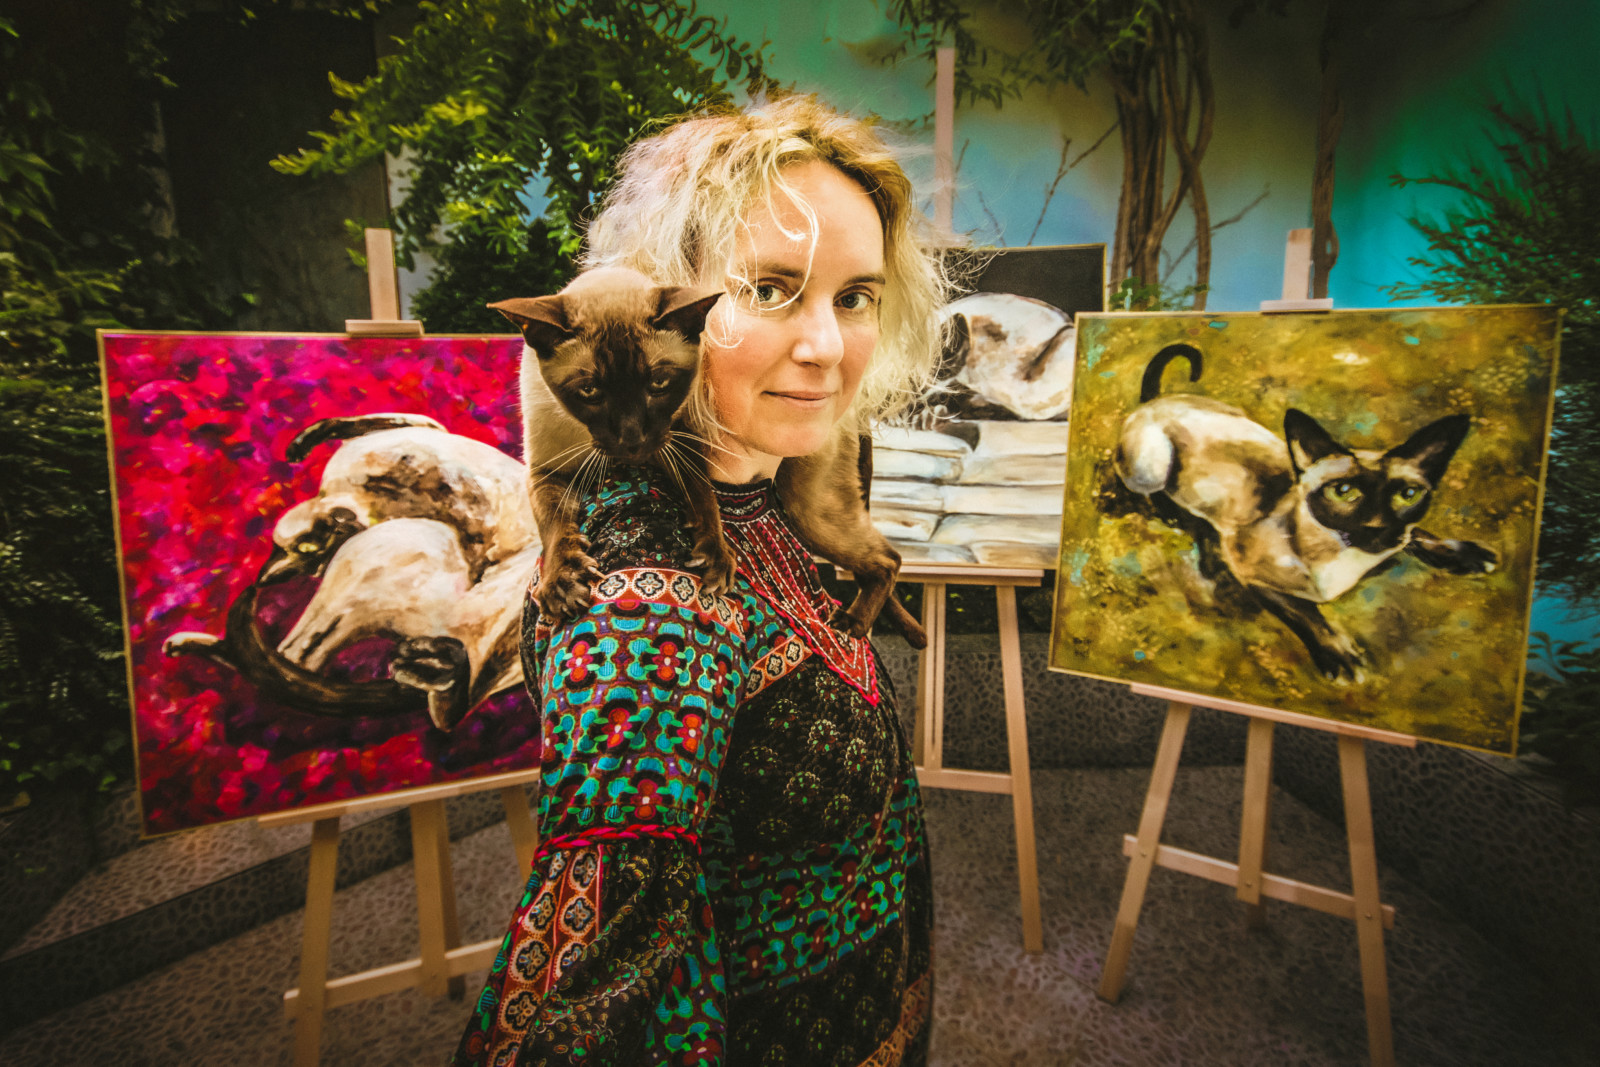 Obraz Dorinky vznikl jako symbol péče oopuštěné kočky zOlomoucka